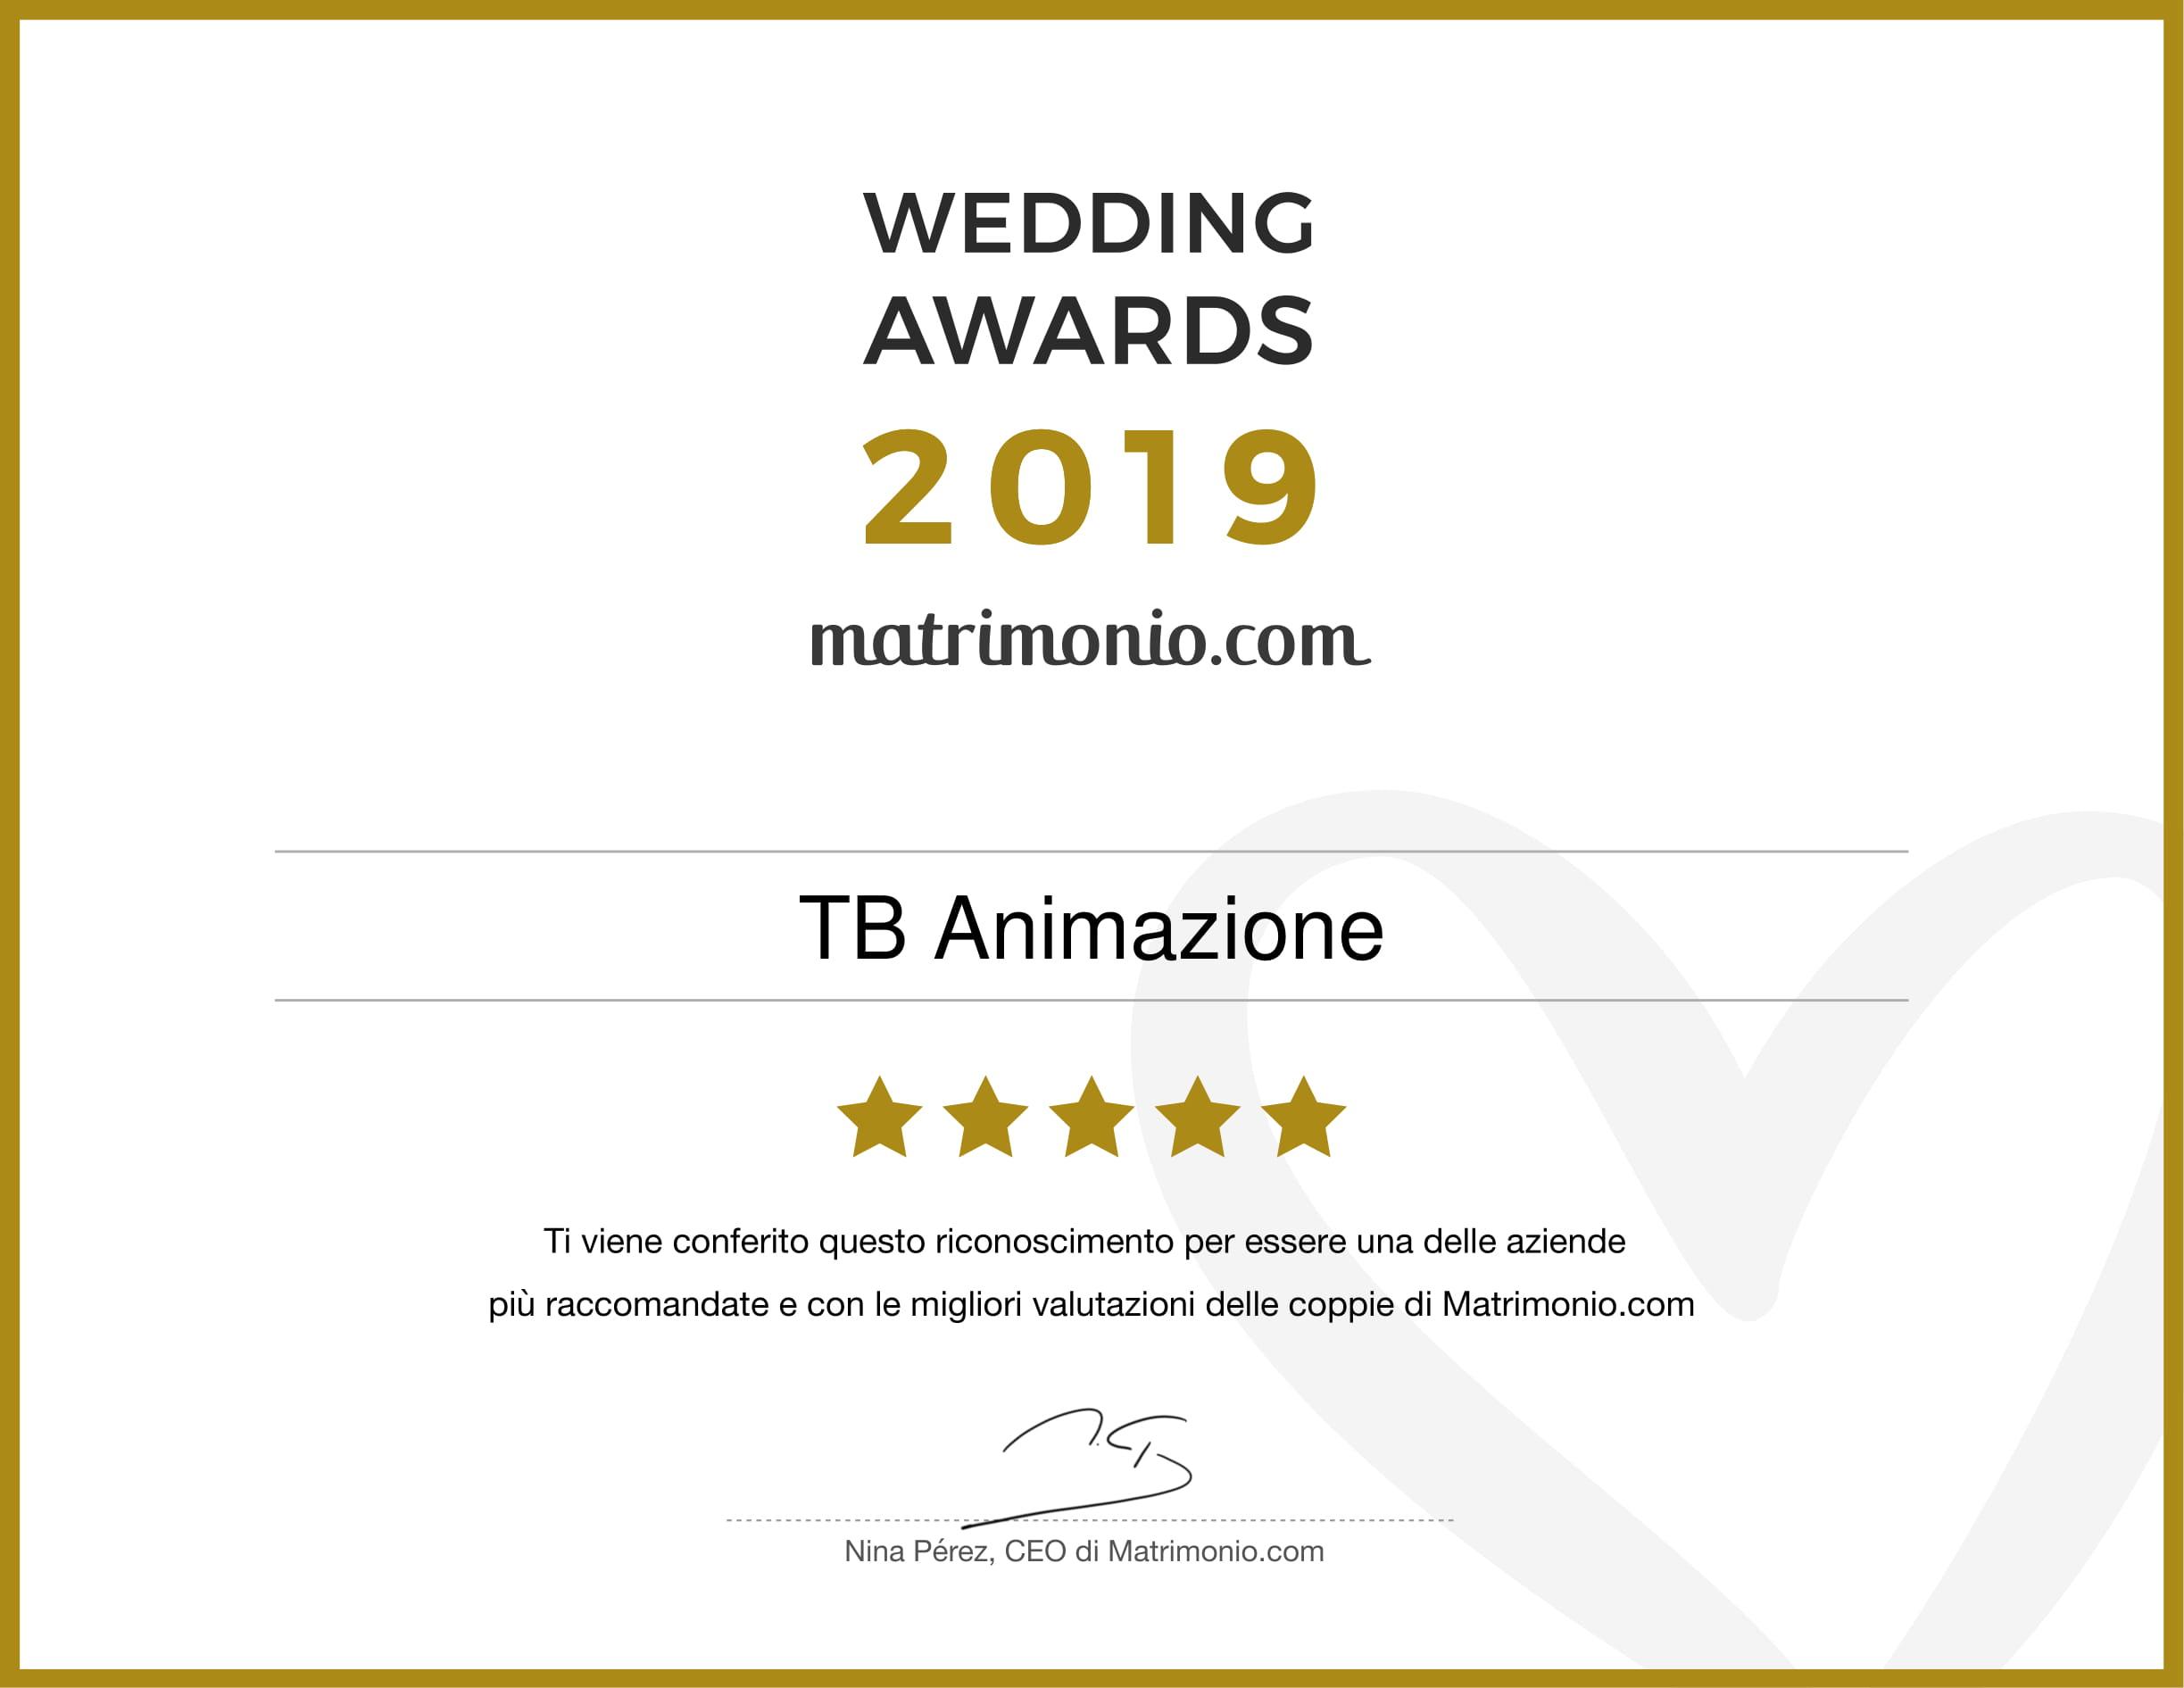 il riconoscimento di wedding award 2019 per tb animazione. eccelliamo nel campo dei matrimoni a roma